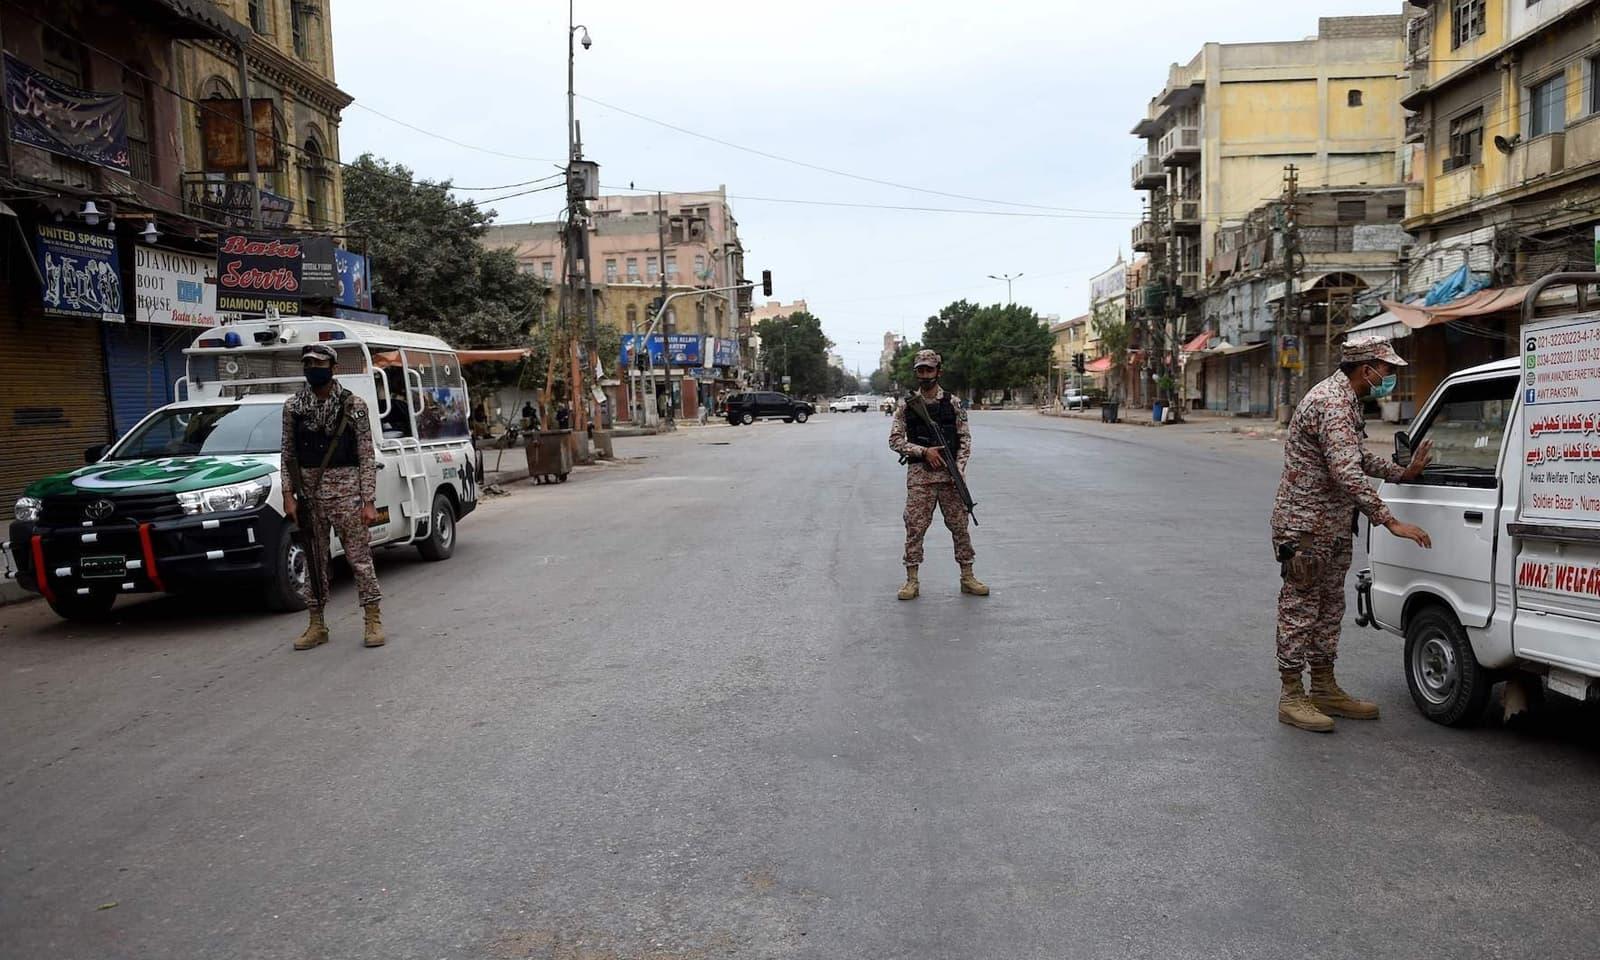 کراچی میں مکمل لاک ڈاؤن کے باعث سیکیورٹی اہلکار چوکس نظر آرہے ہیں — فوٹو: اے ایف پی